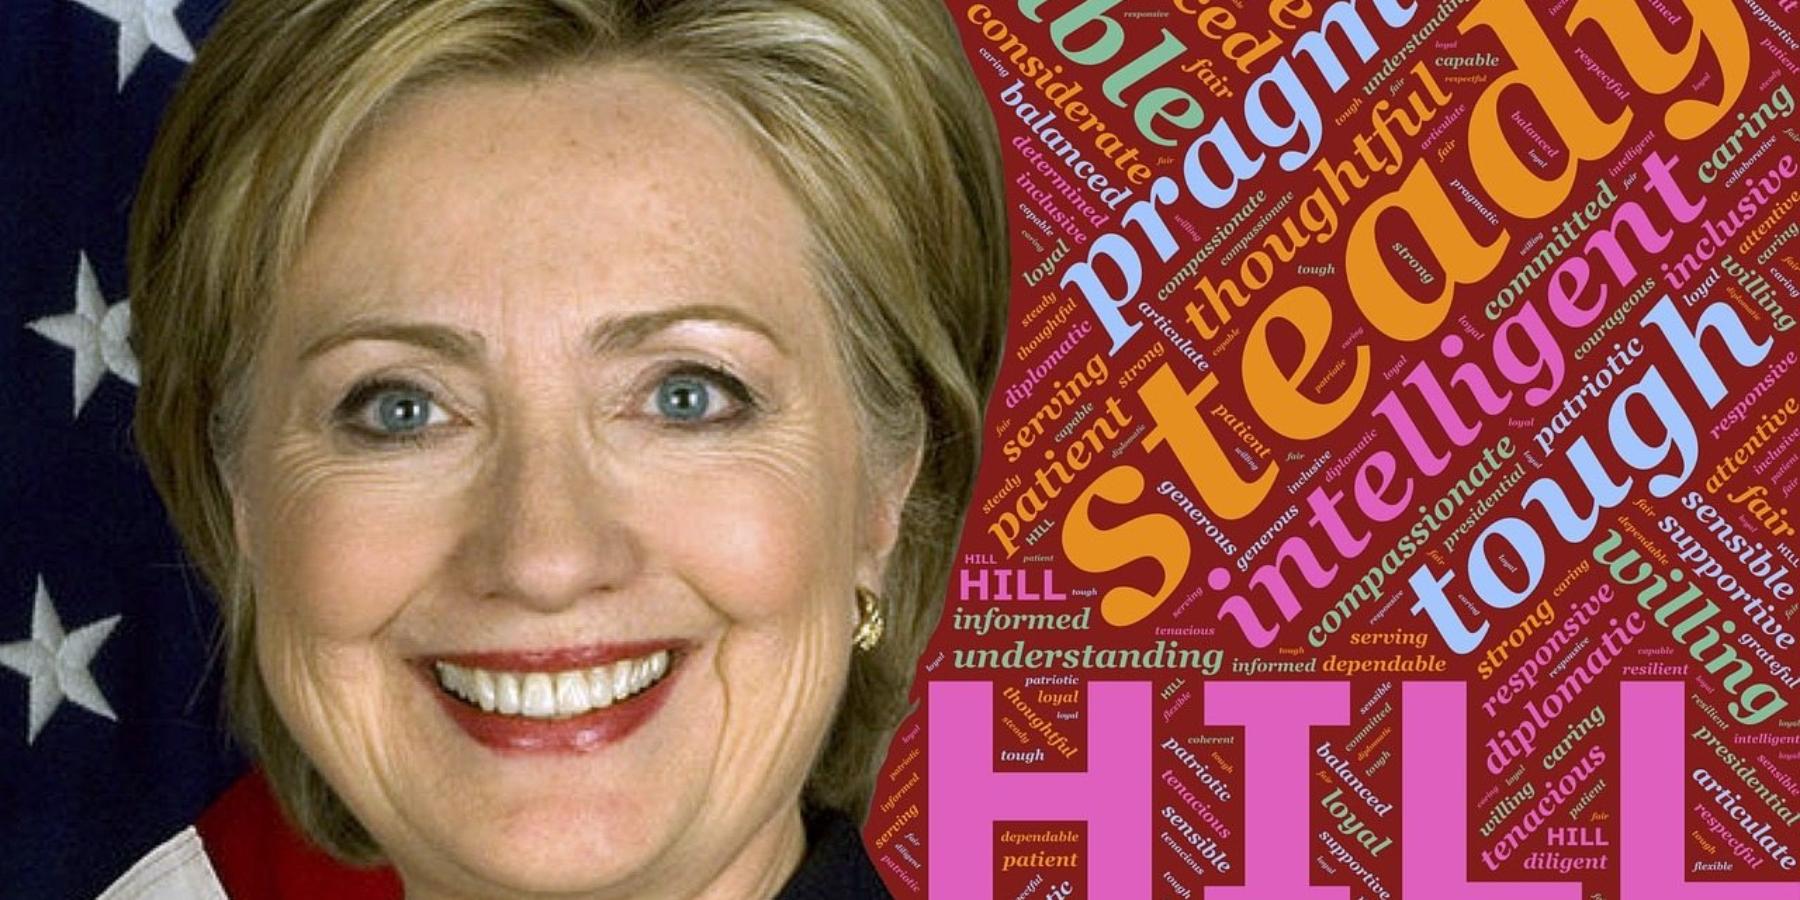 Personal branding w5 krokach, czyli analiza kampanii prezydenckiej wStanach Zjednoczonych